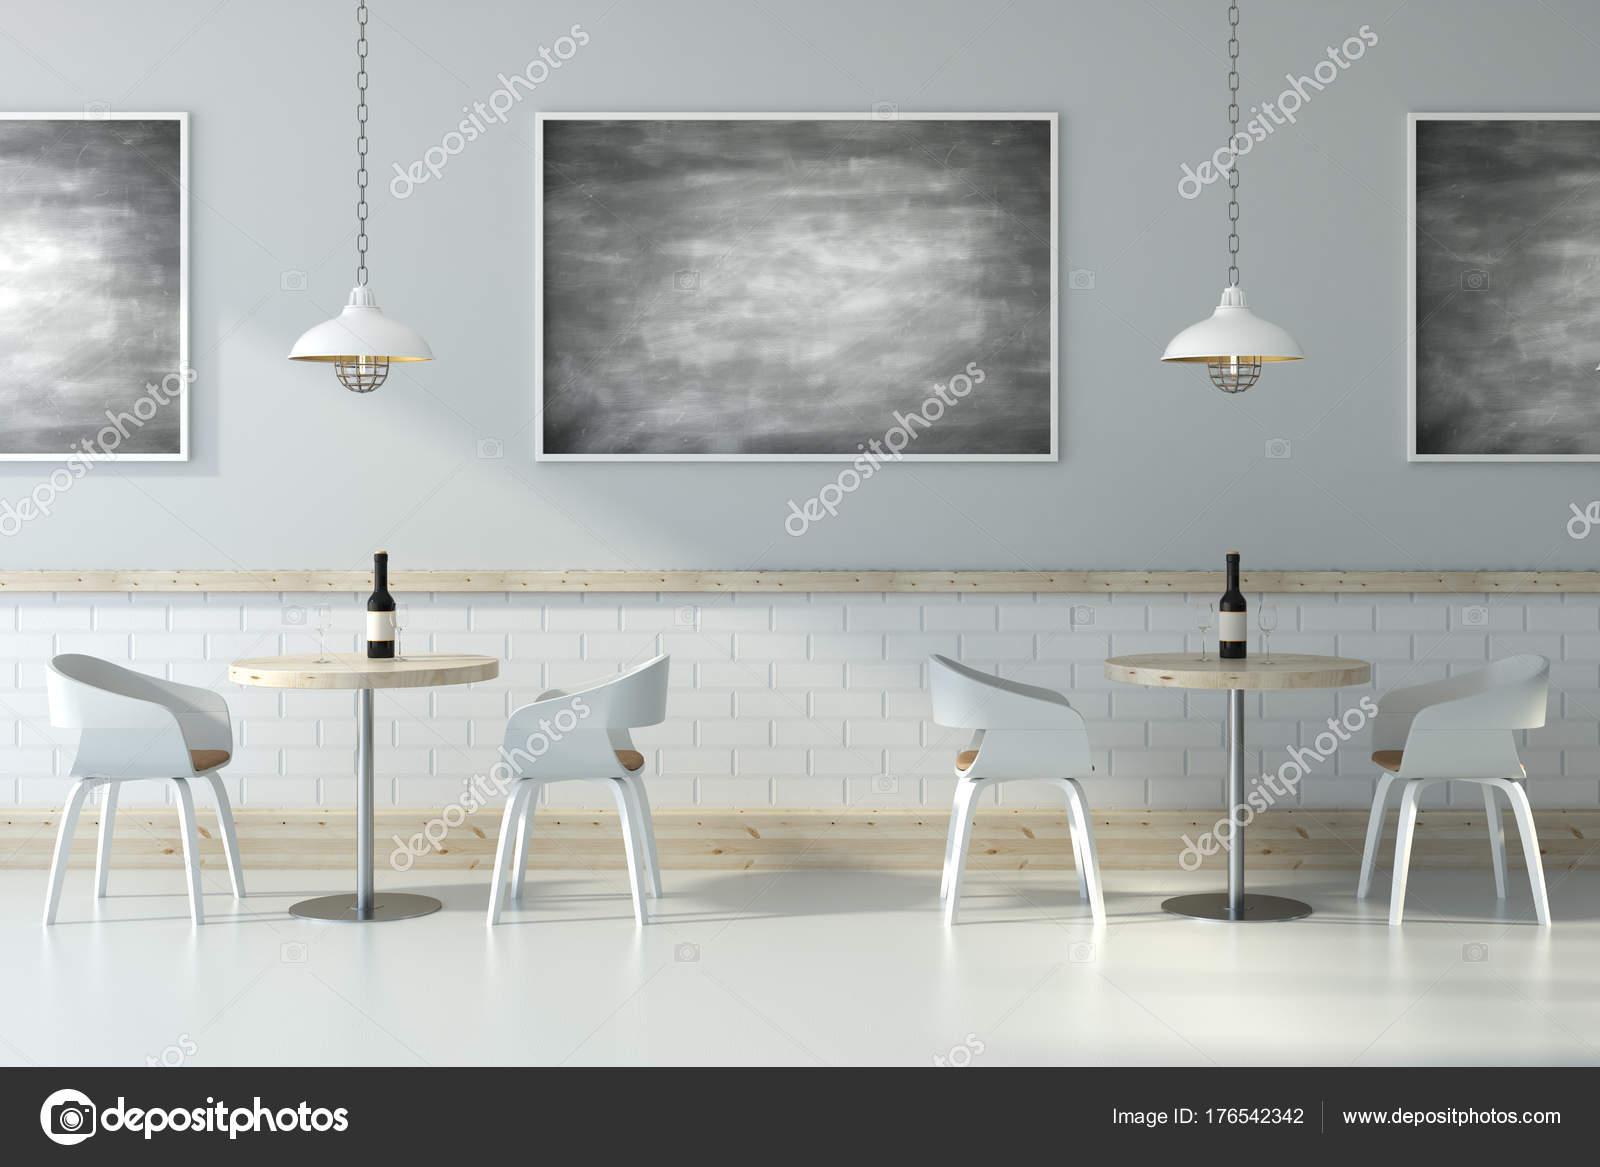 Licht-Café mit Tafel — Stockfoto © peshkova #176542342